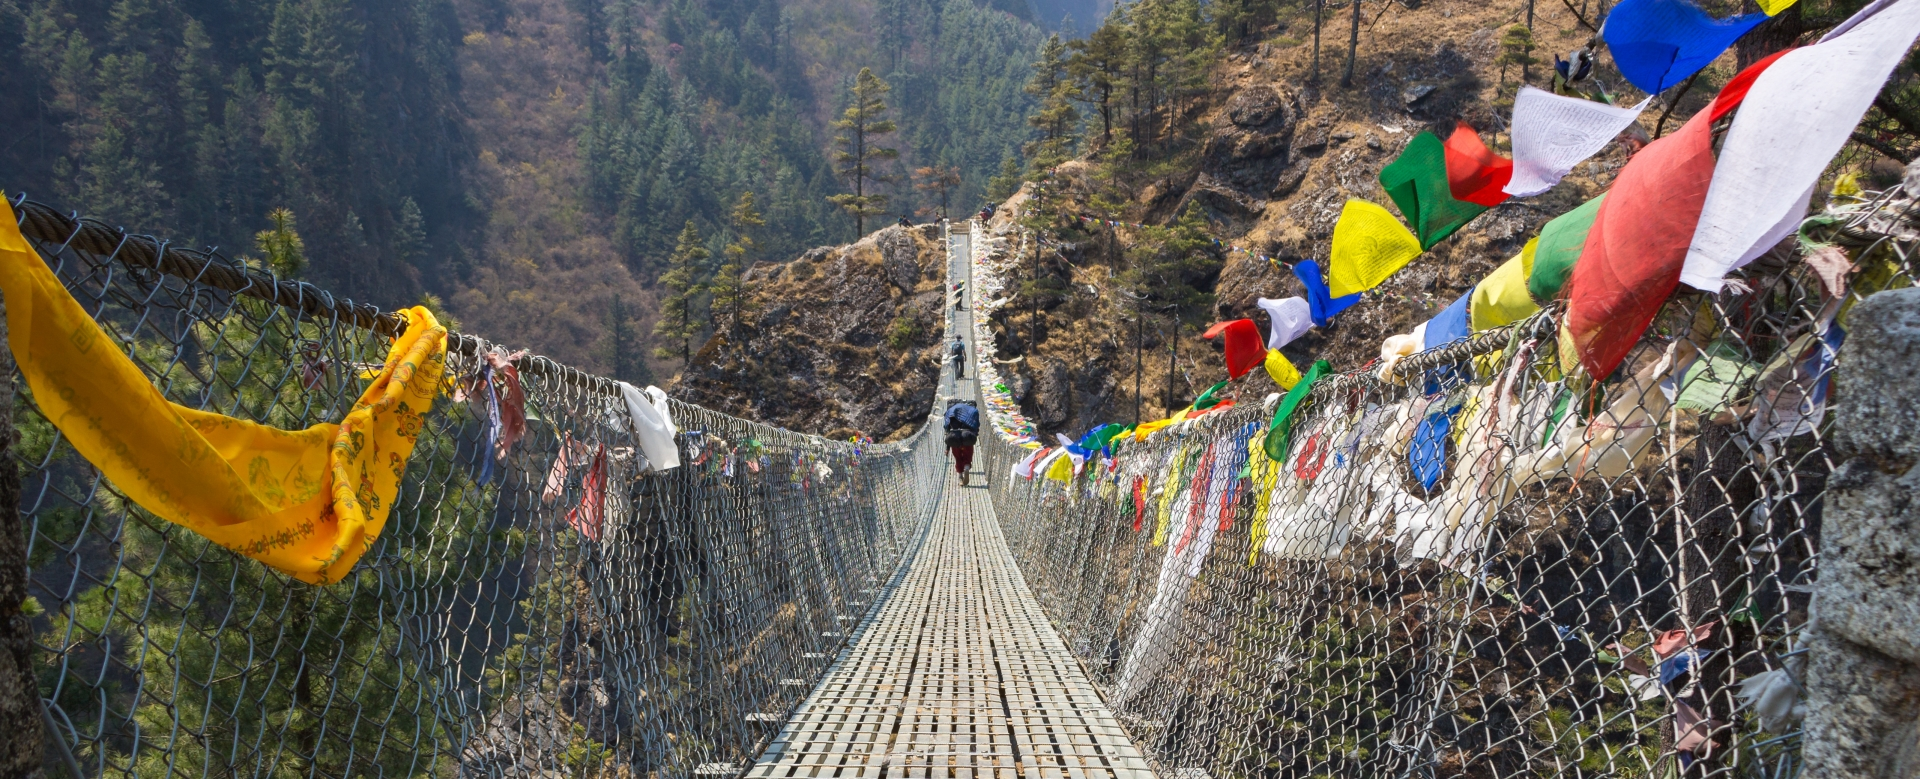 Voyage à pied : Découverte népalaise, entre montagne et jungle